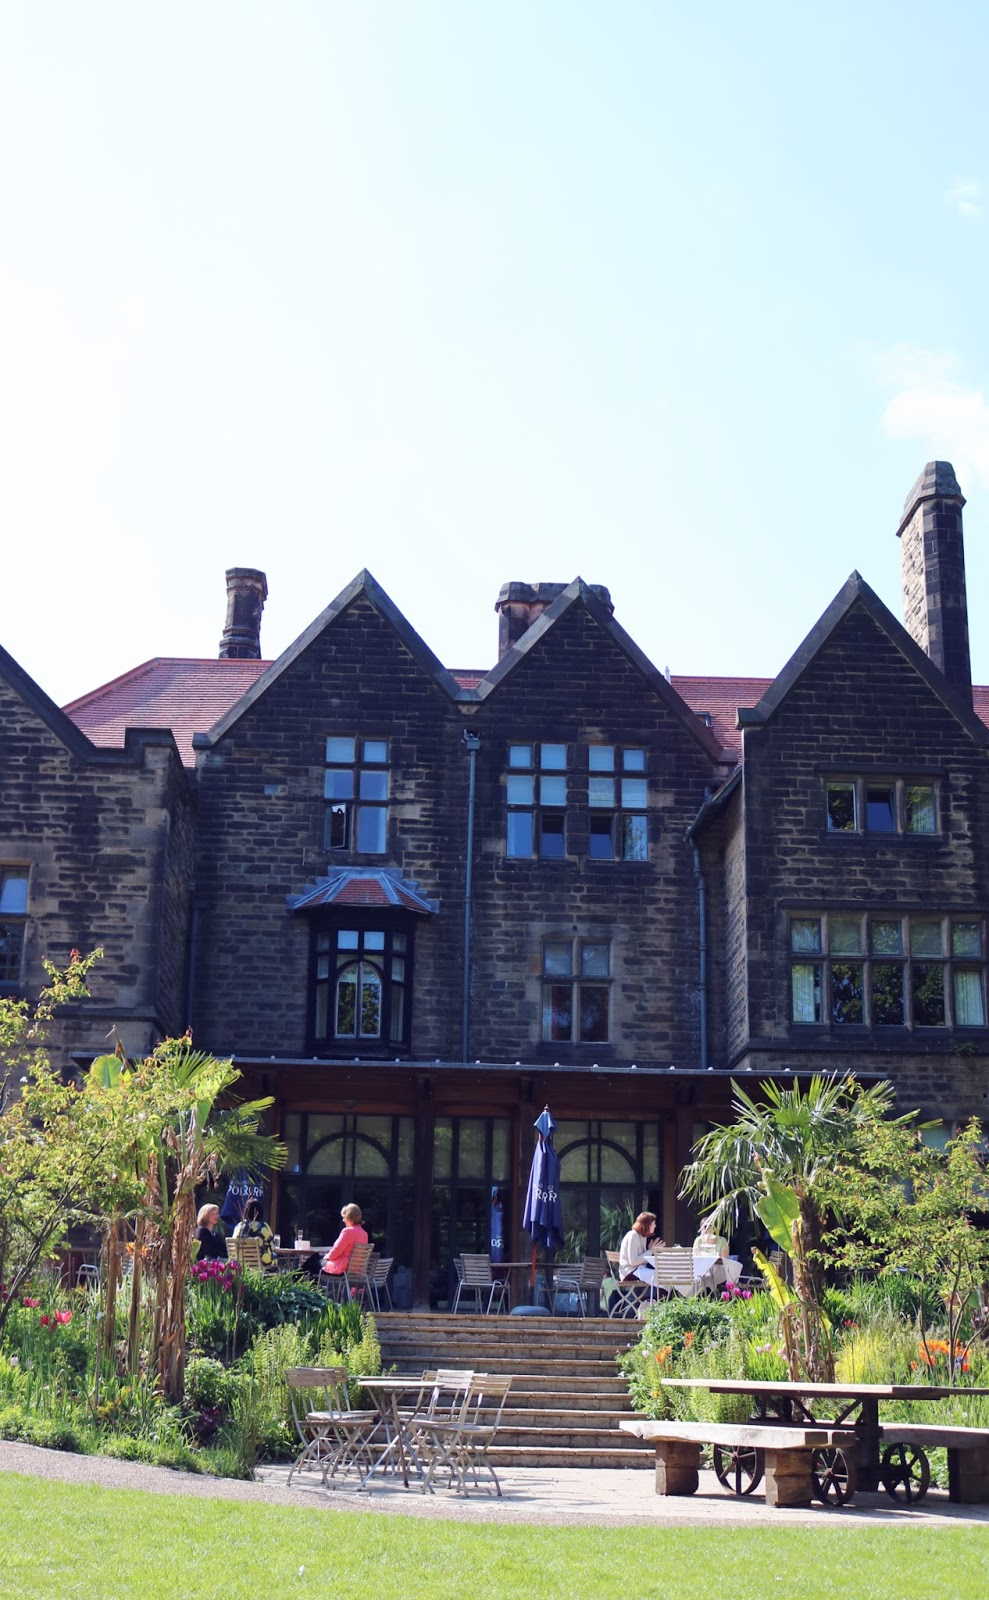 Jesmond Dene House, Newcastle.